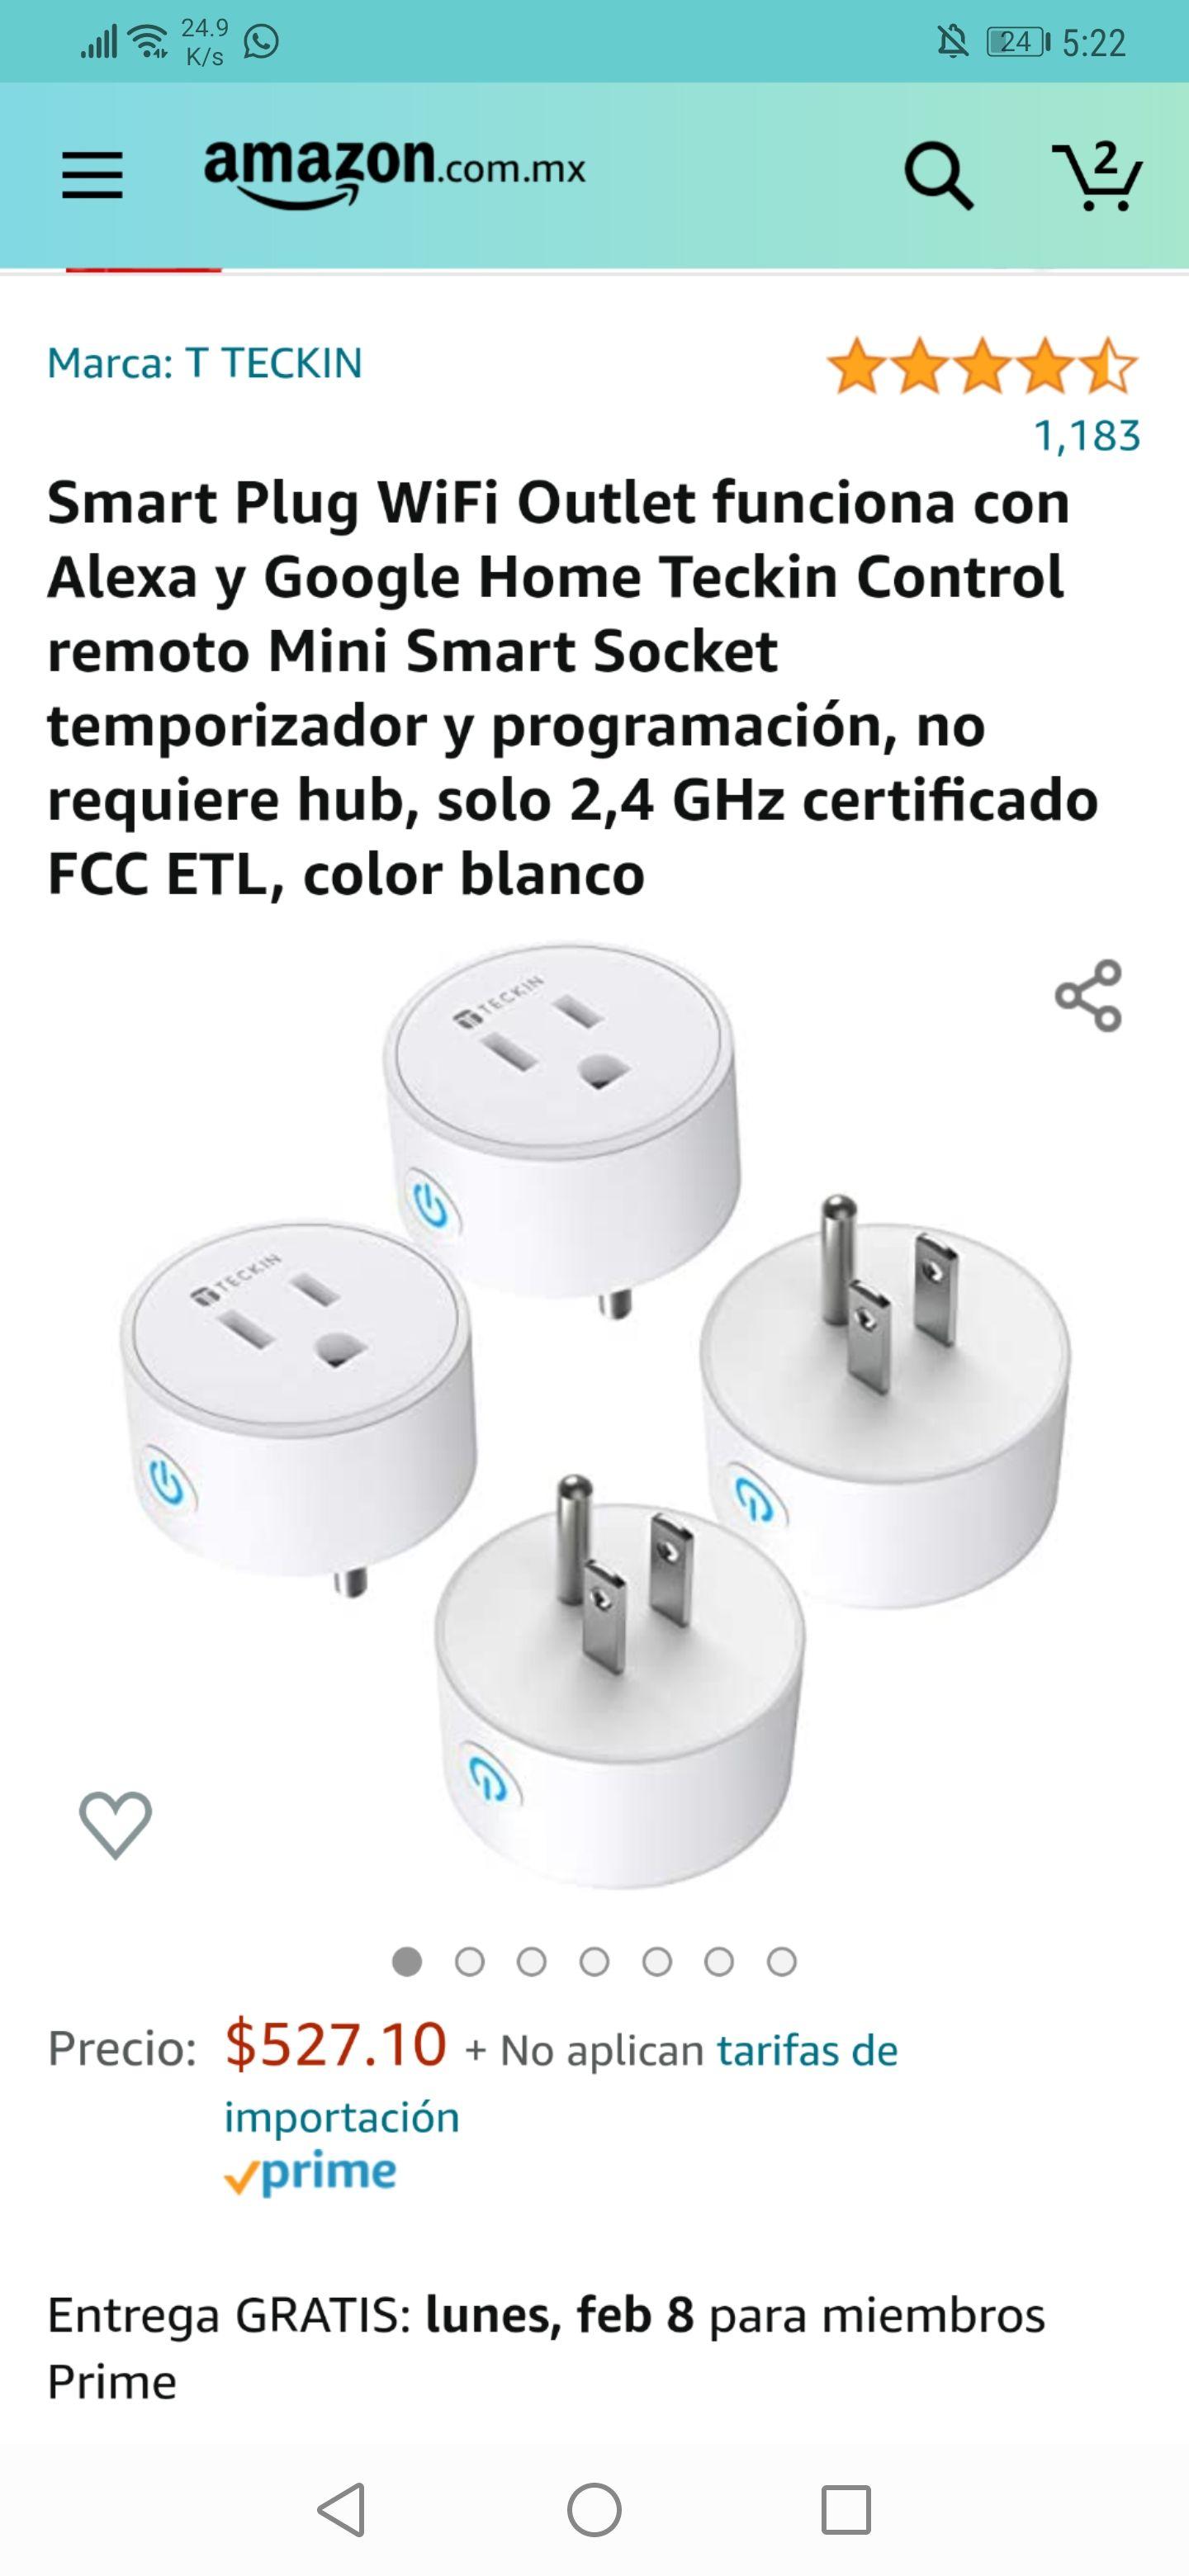 Amazon : Smart Plug WiFi paquete de 4 , funciona con Alexa y Google Home precio más bajo histórico